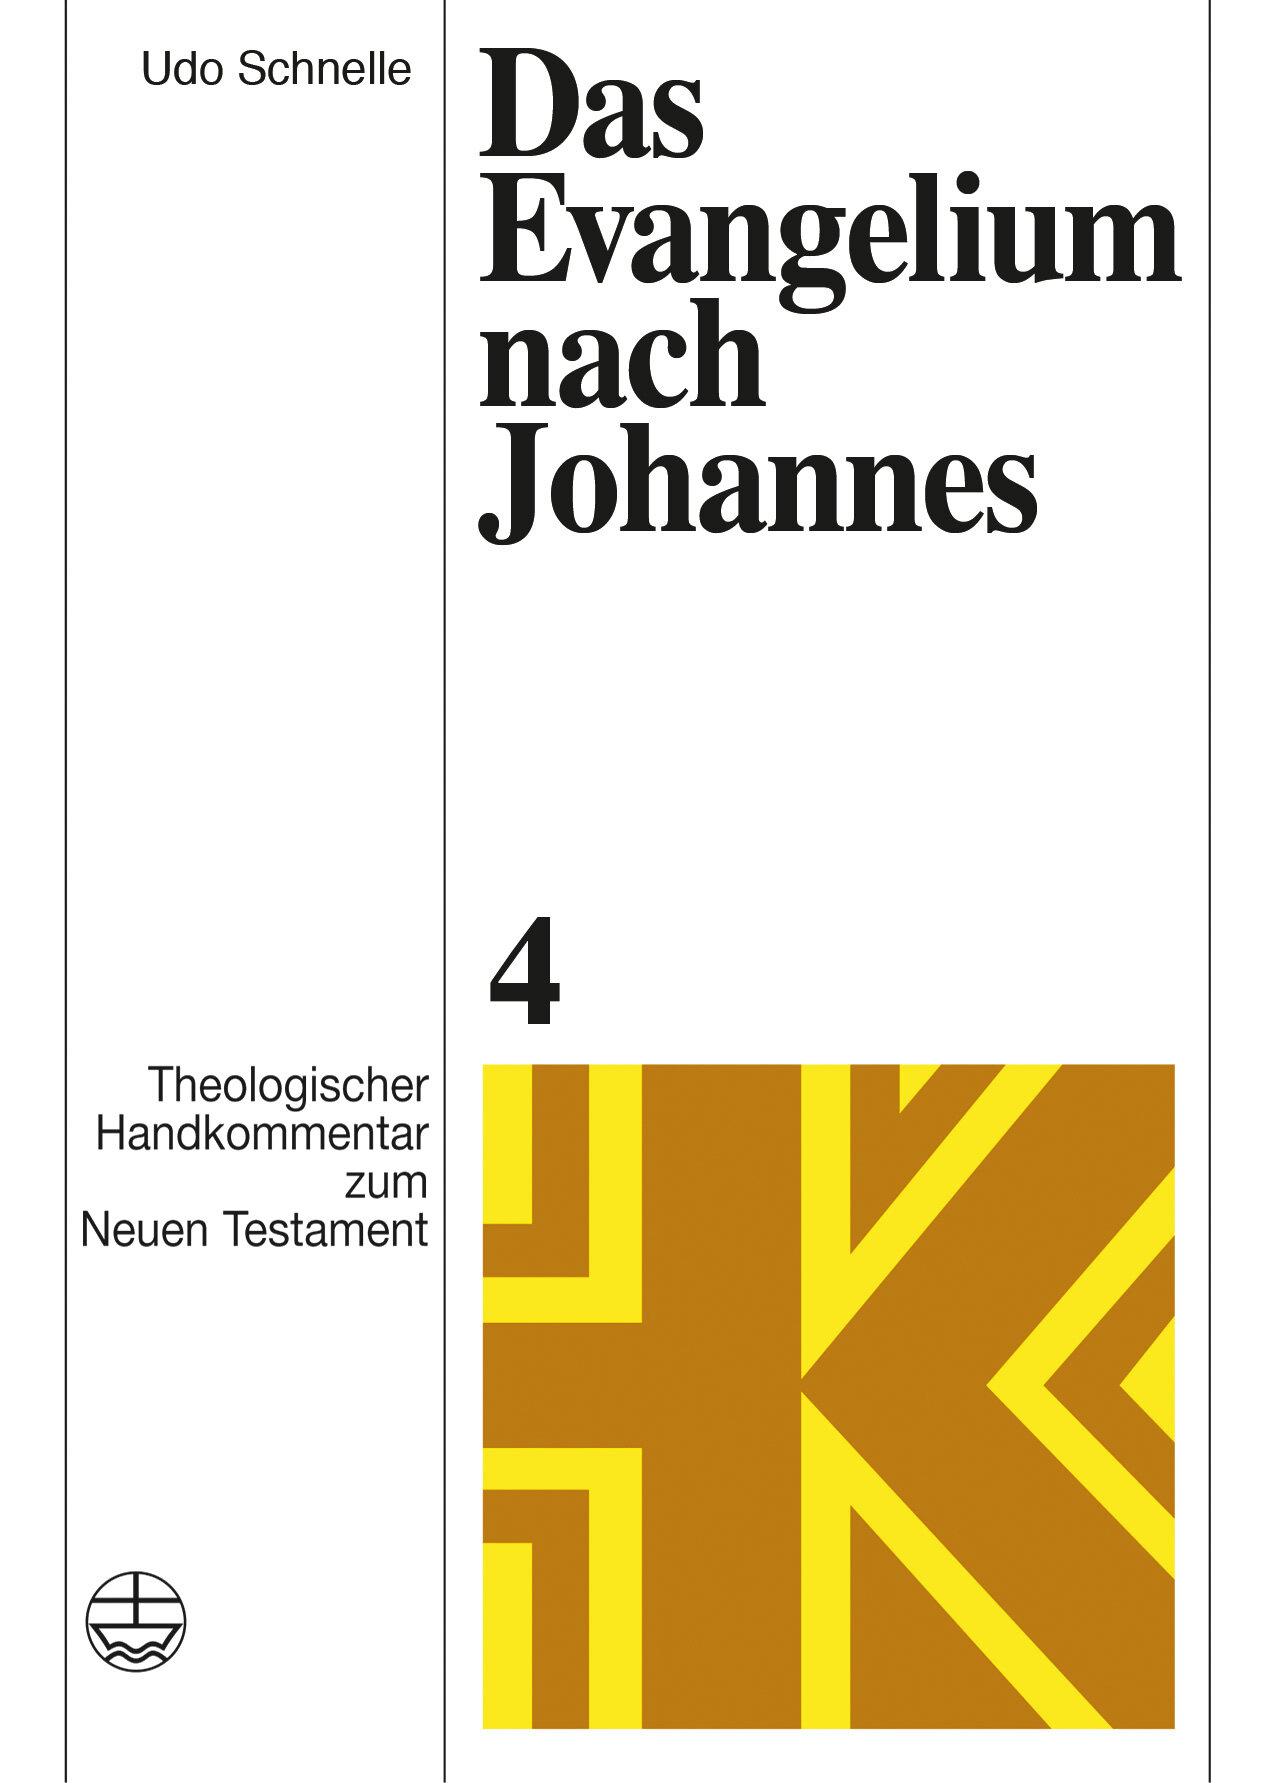 Das Evangelium nach Johannes (Theologischer Handkommentar zum Neuen Testament | ThHK)